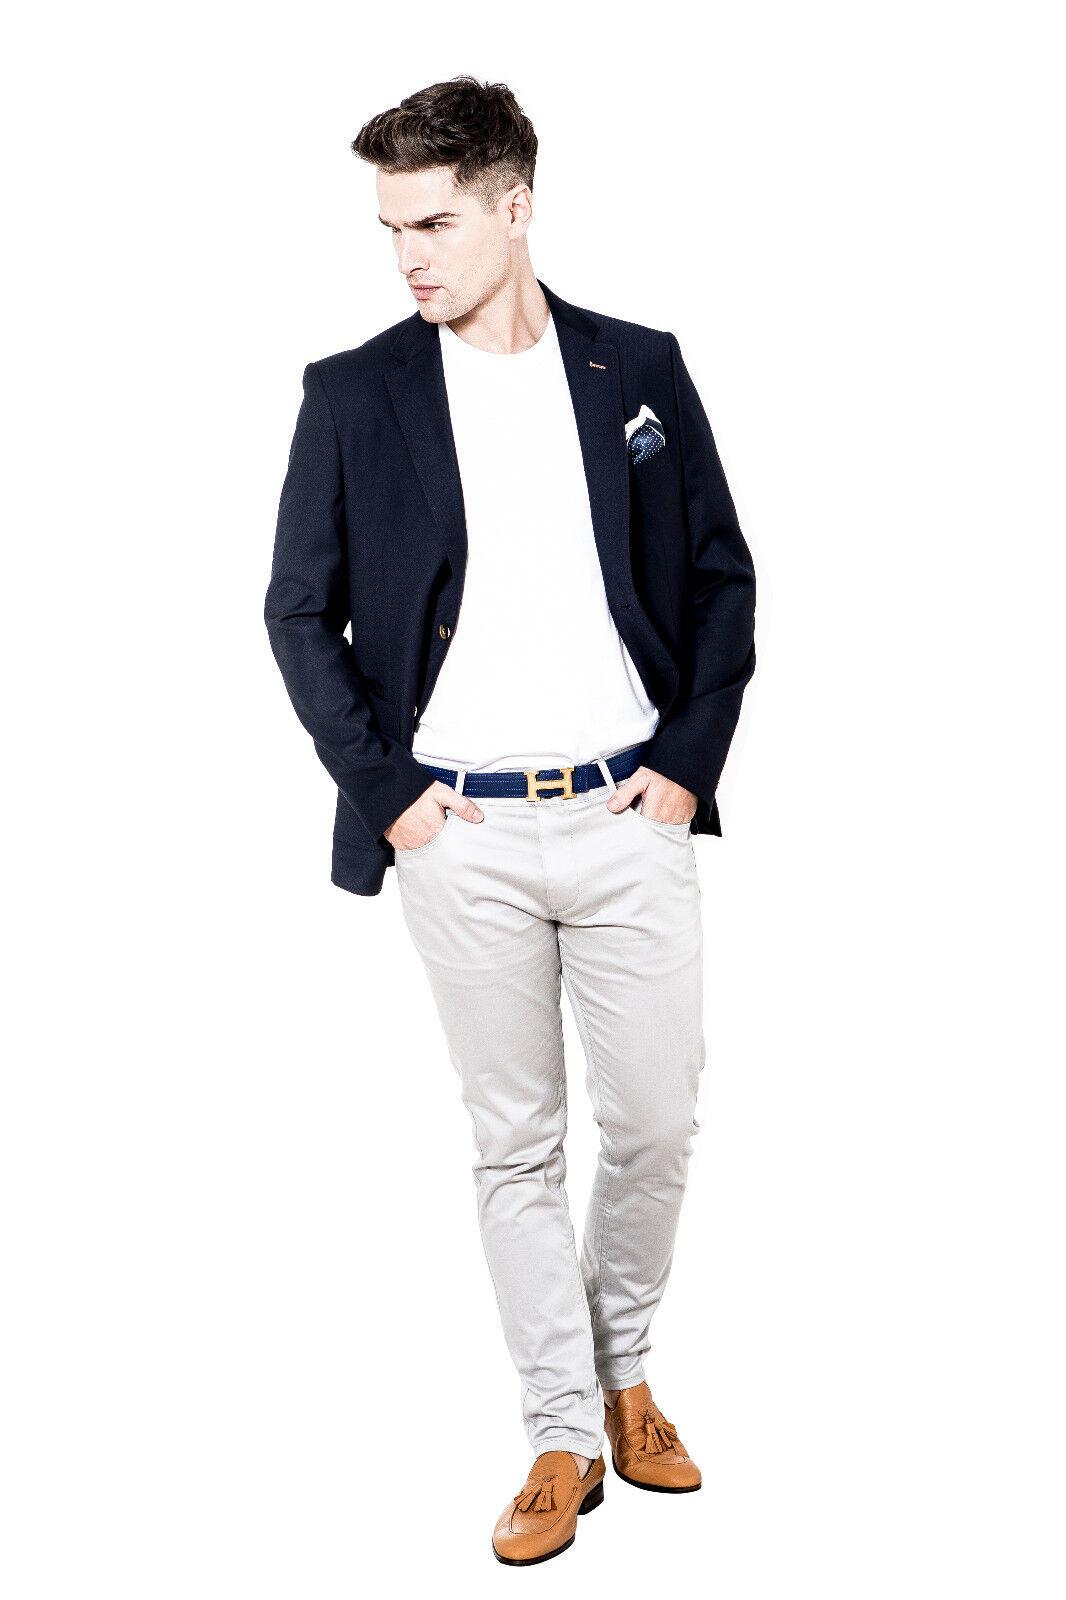 Herren Designer Slim Fit  Navy Blazer by Alexander Caine